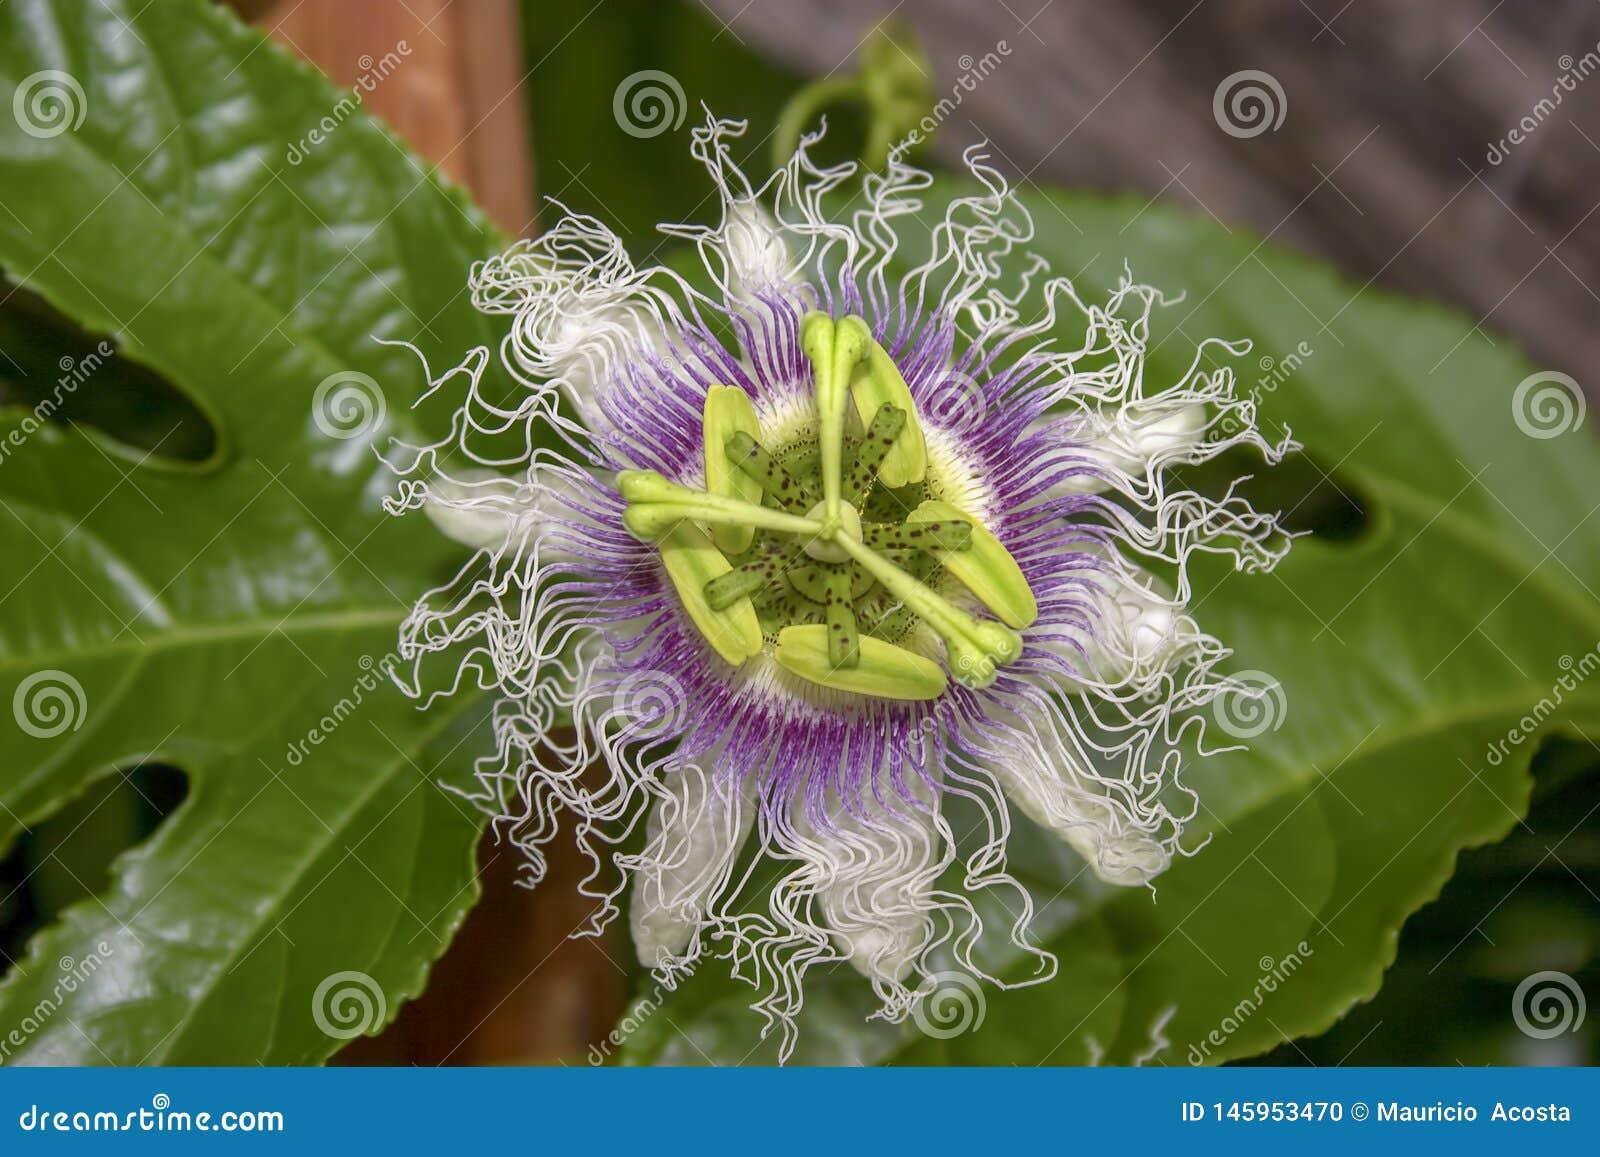 Фотография макроса цветка маракуйи